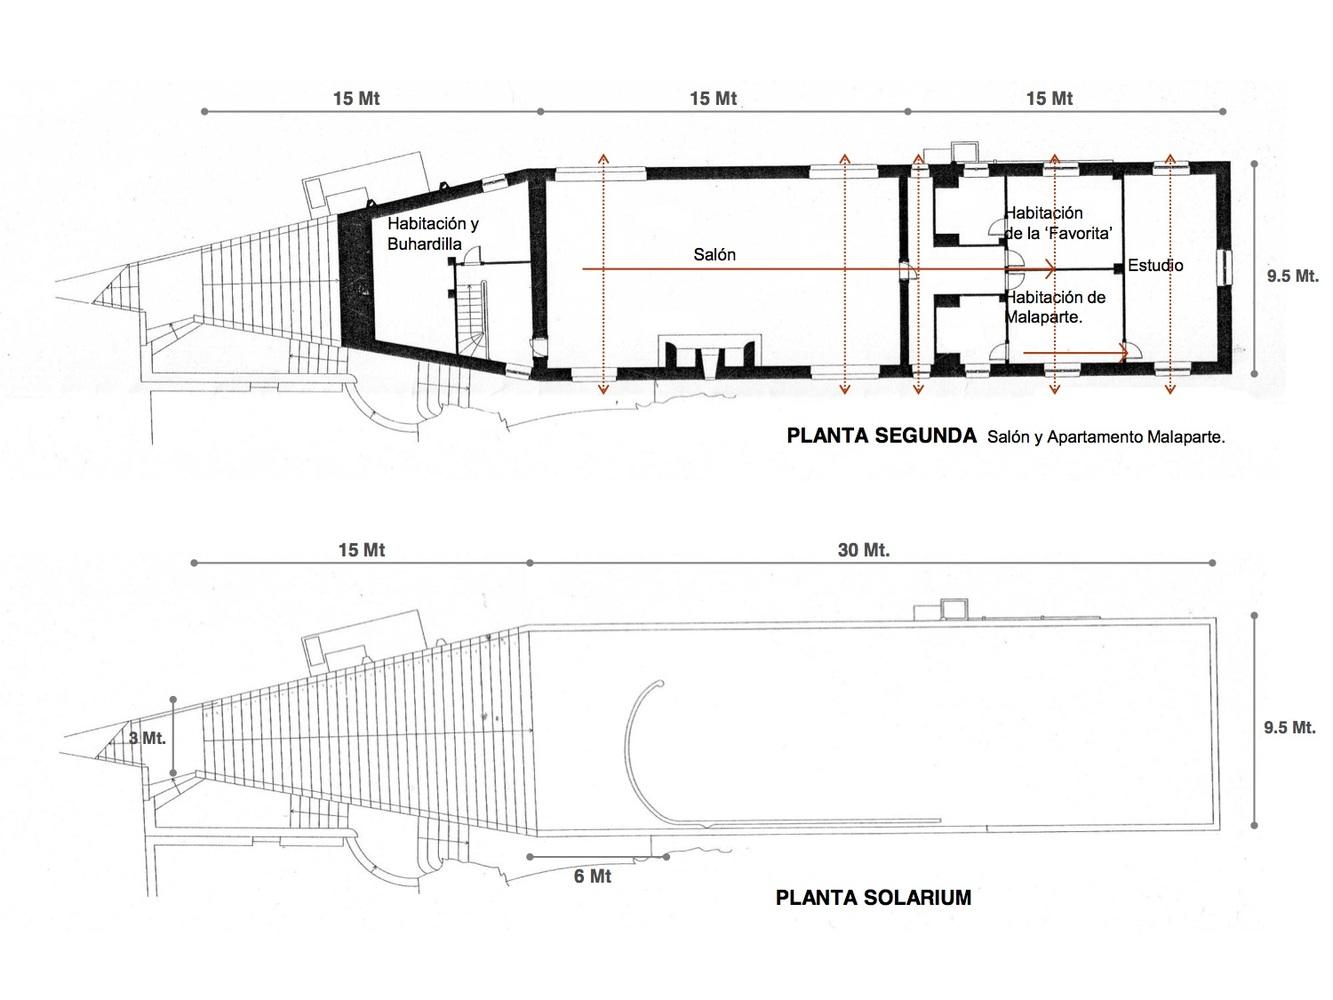 Planta Principal + Solárium.Planta Nivel 0 y 1. Imagen © Gloria Saravia Ortiz